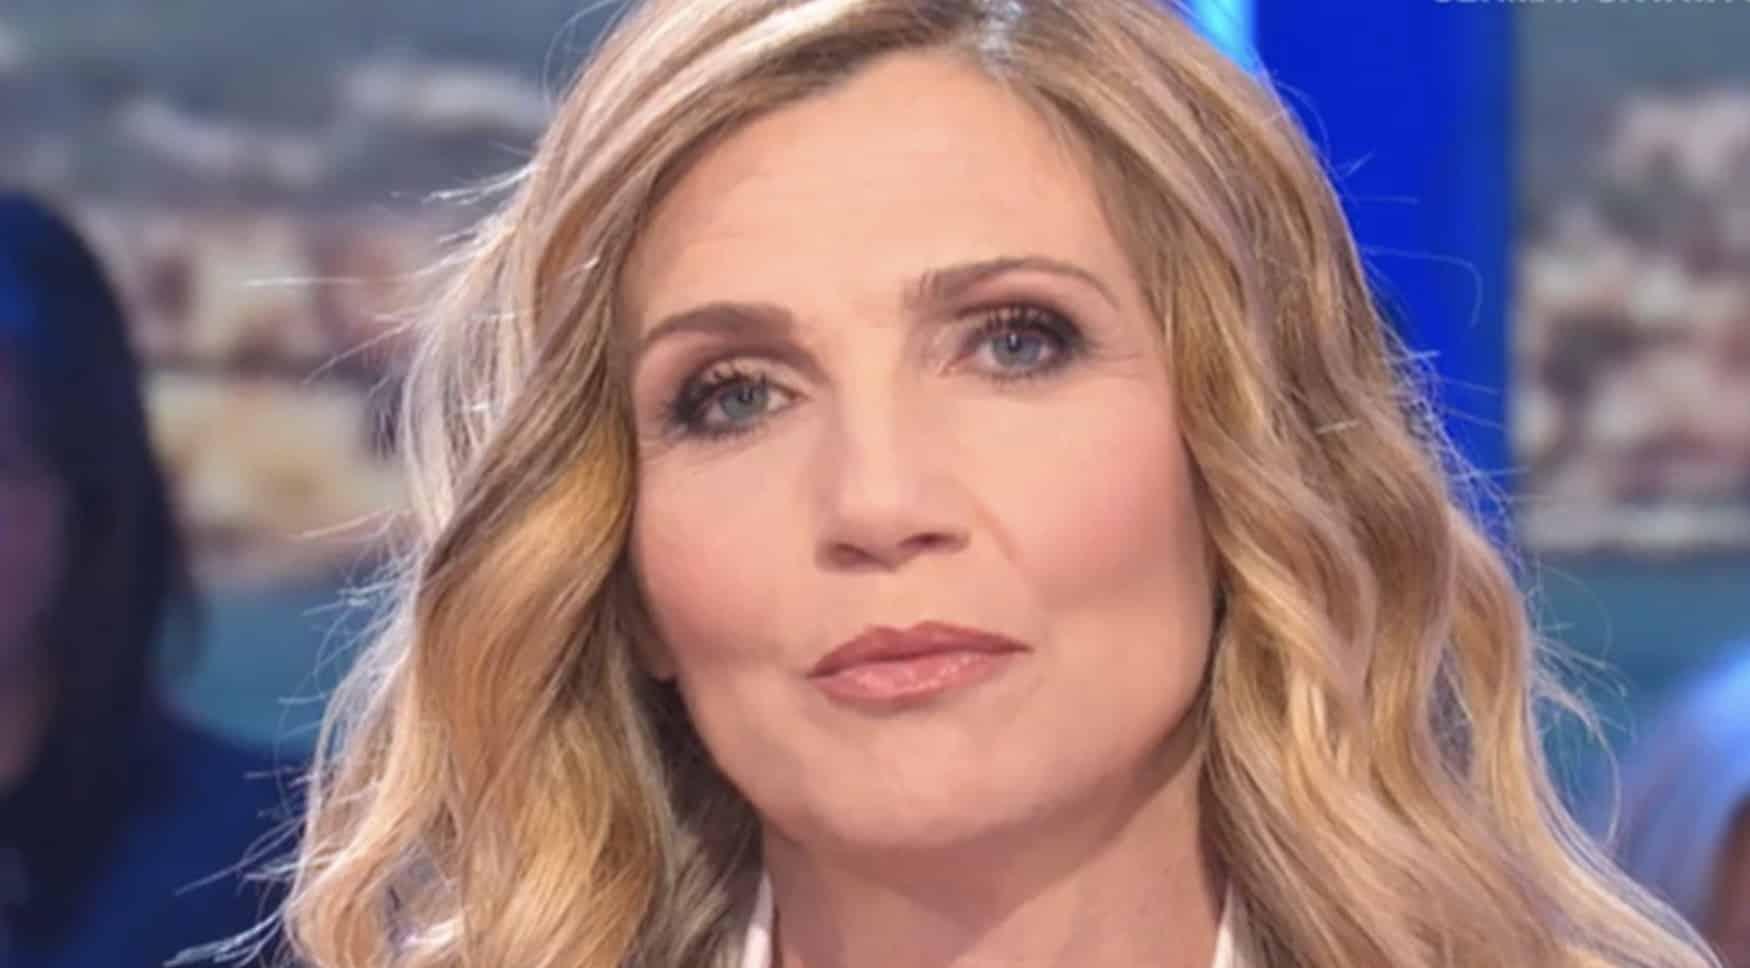 Amici, Lorella Cuccarini lancia una frecciatina al veleno contro Sanremo, gelo in studio